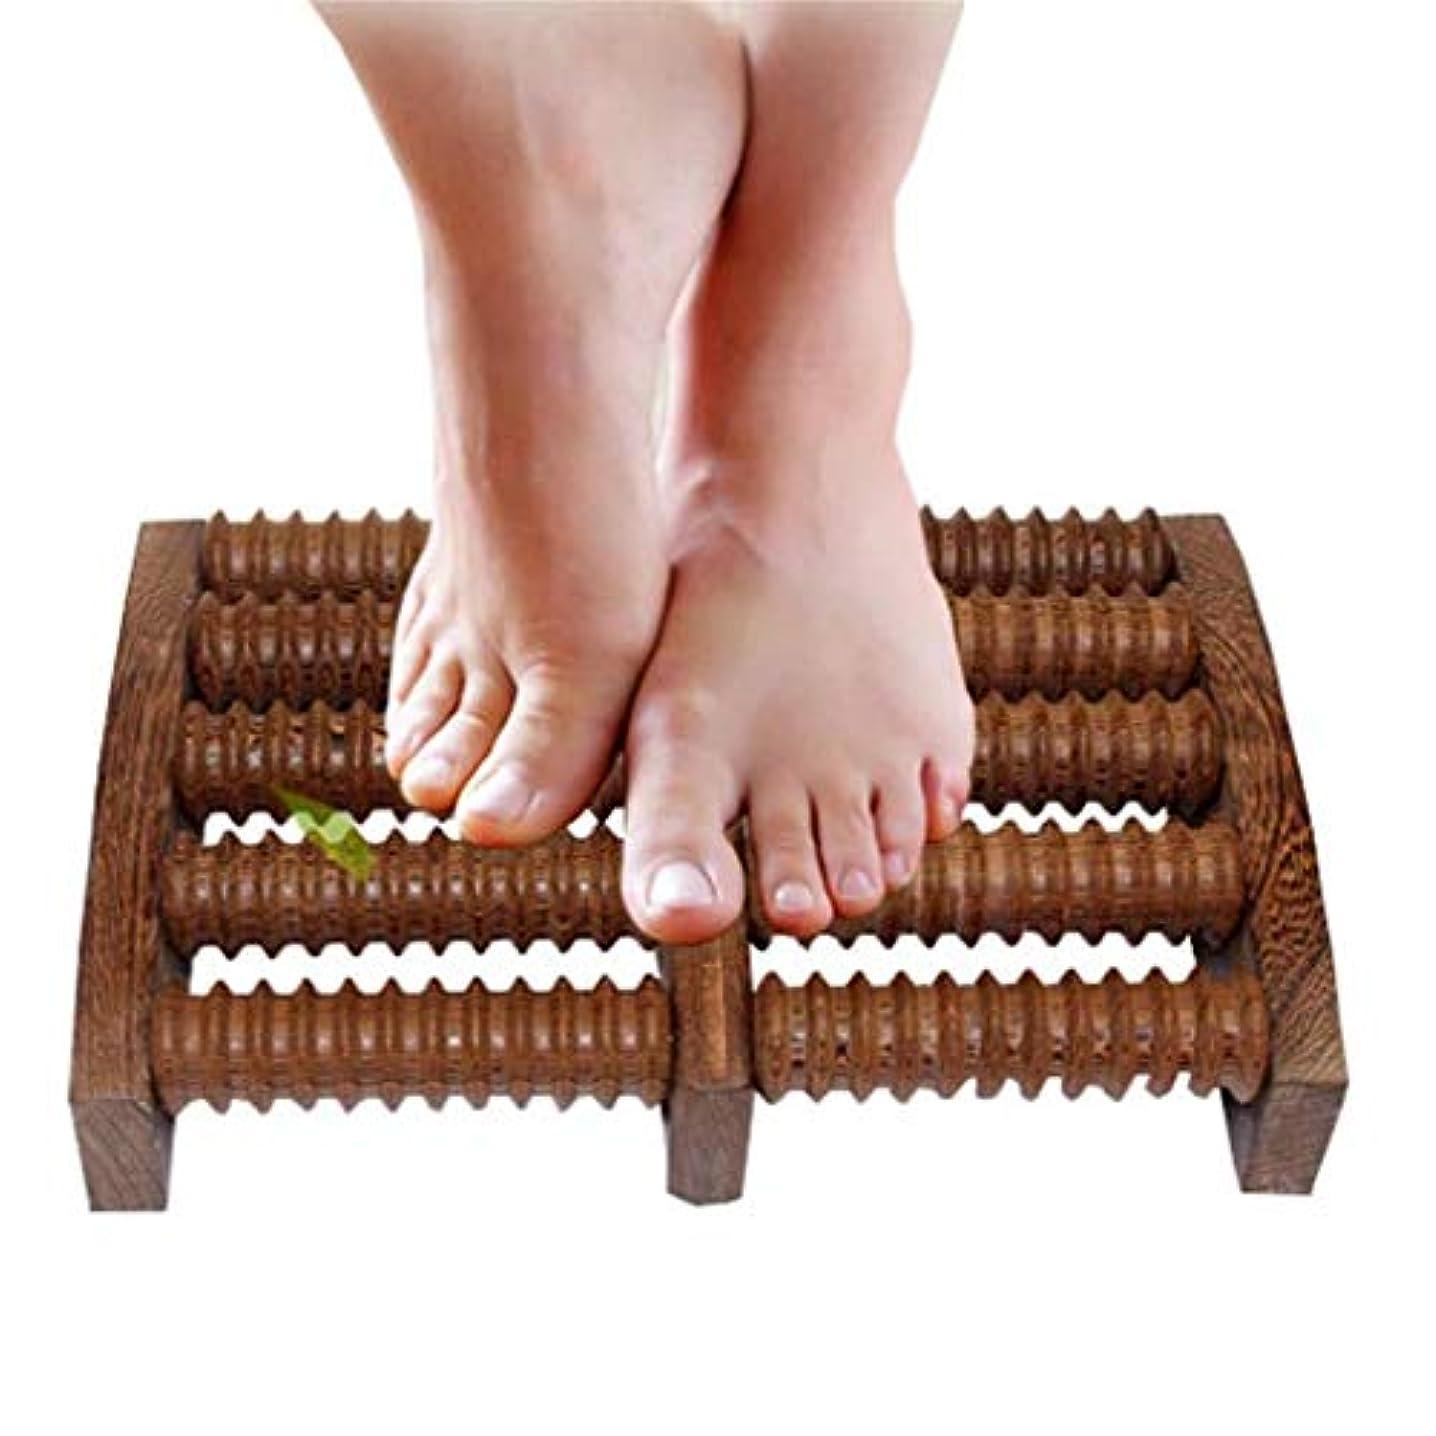 ストレス浮浪者雑草木製足裏マッサージローラーは、足底筋膜炎の治療のために圧力/かかととアーチの痛みを和らげ、筋肉と足のマッサージャーをリラックスさせます (Color : B)